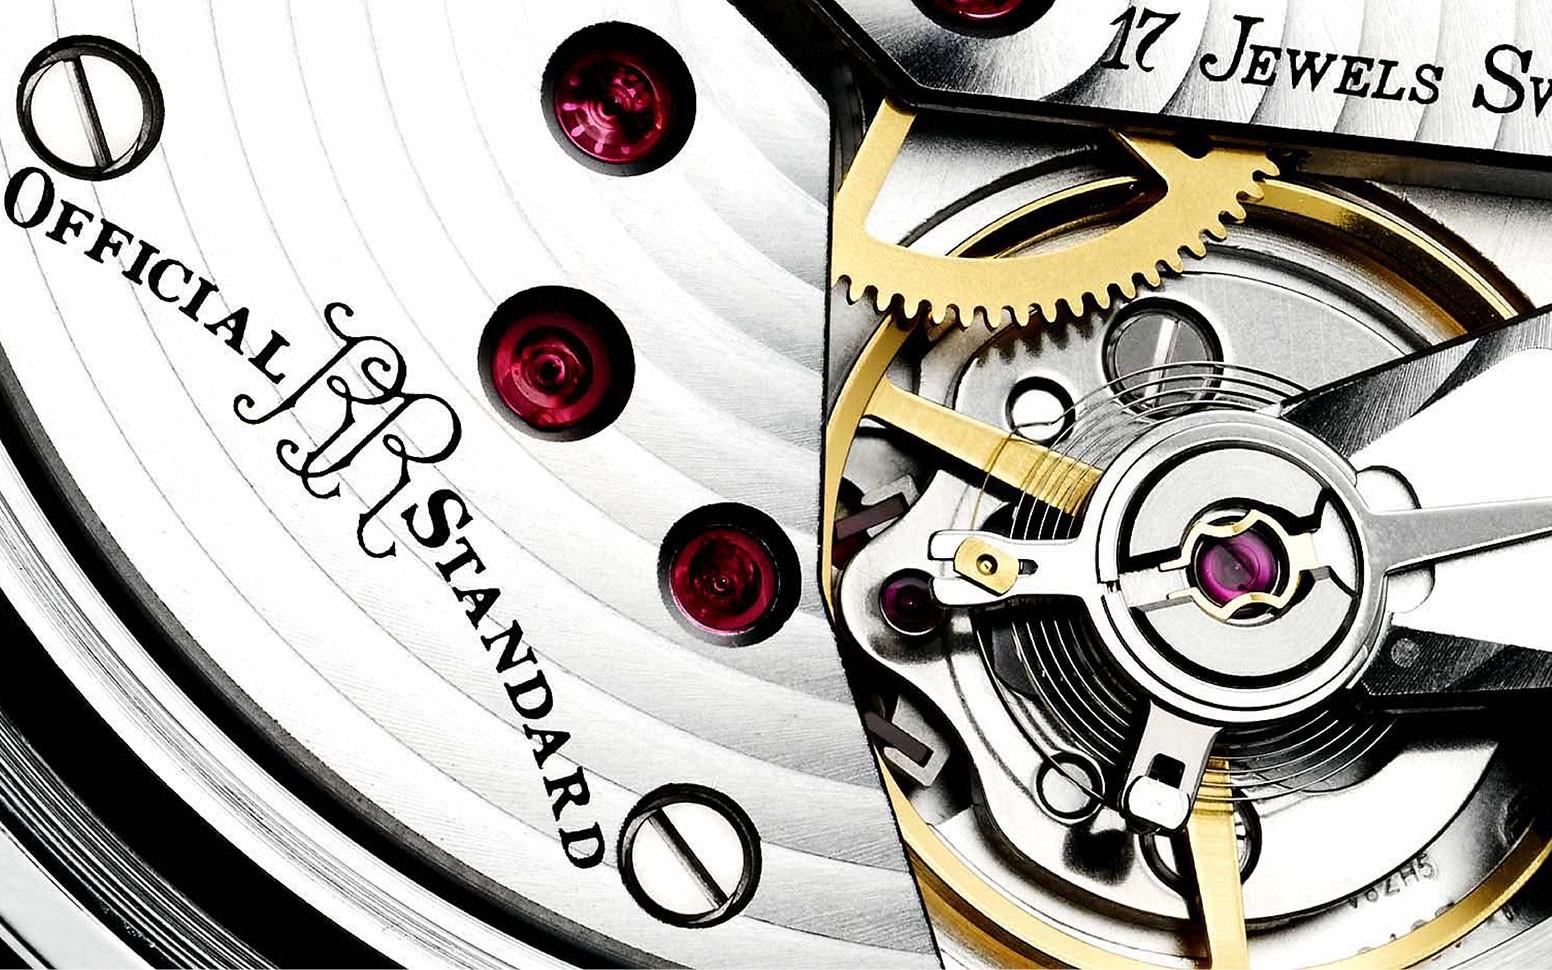 Cập nhật các mẫu đồng hồ Ball đang giảm giá rất sâu tại Mỹ